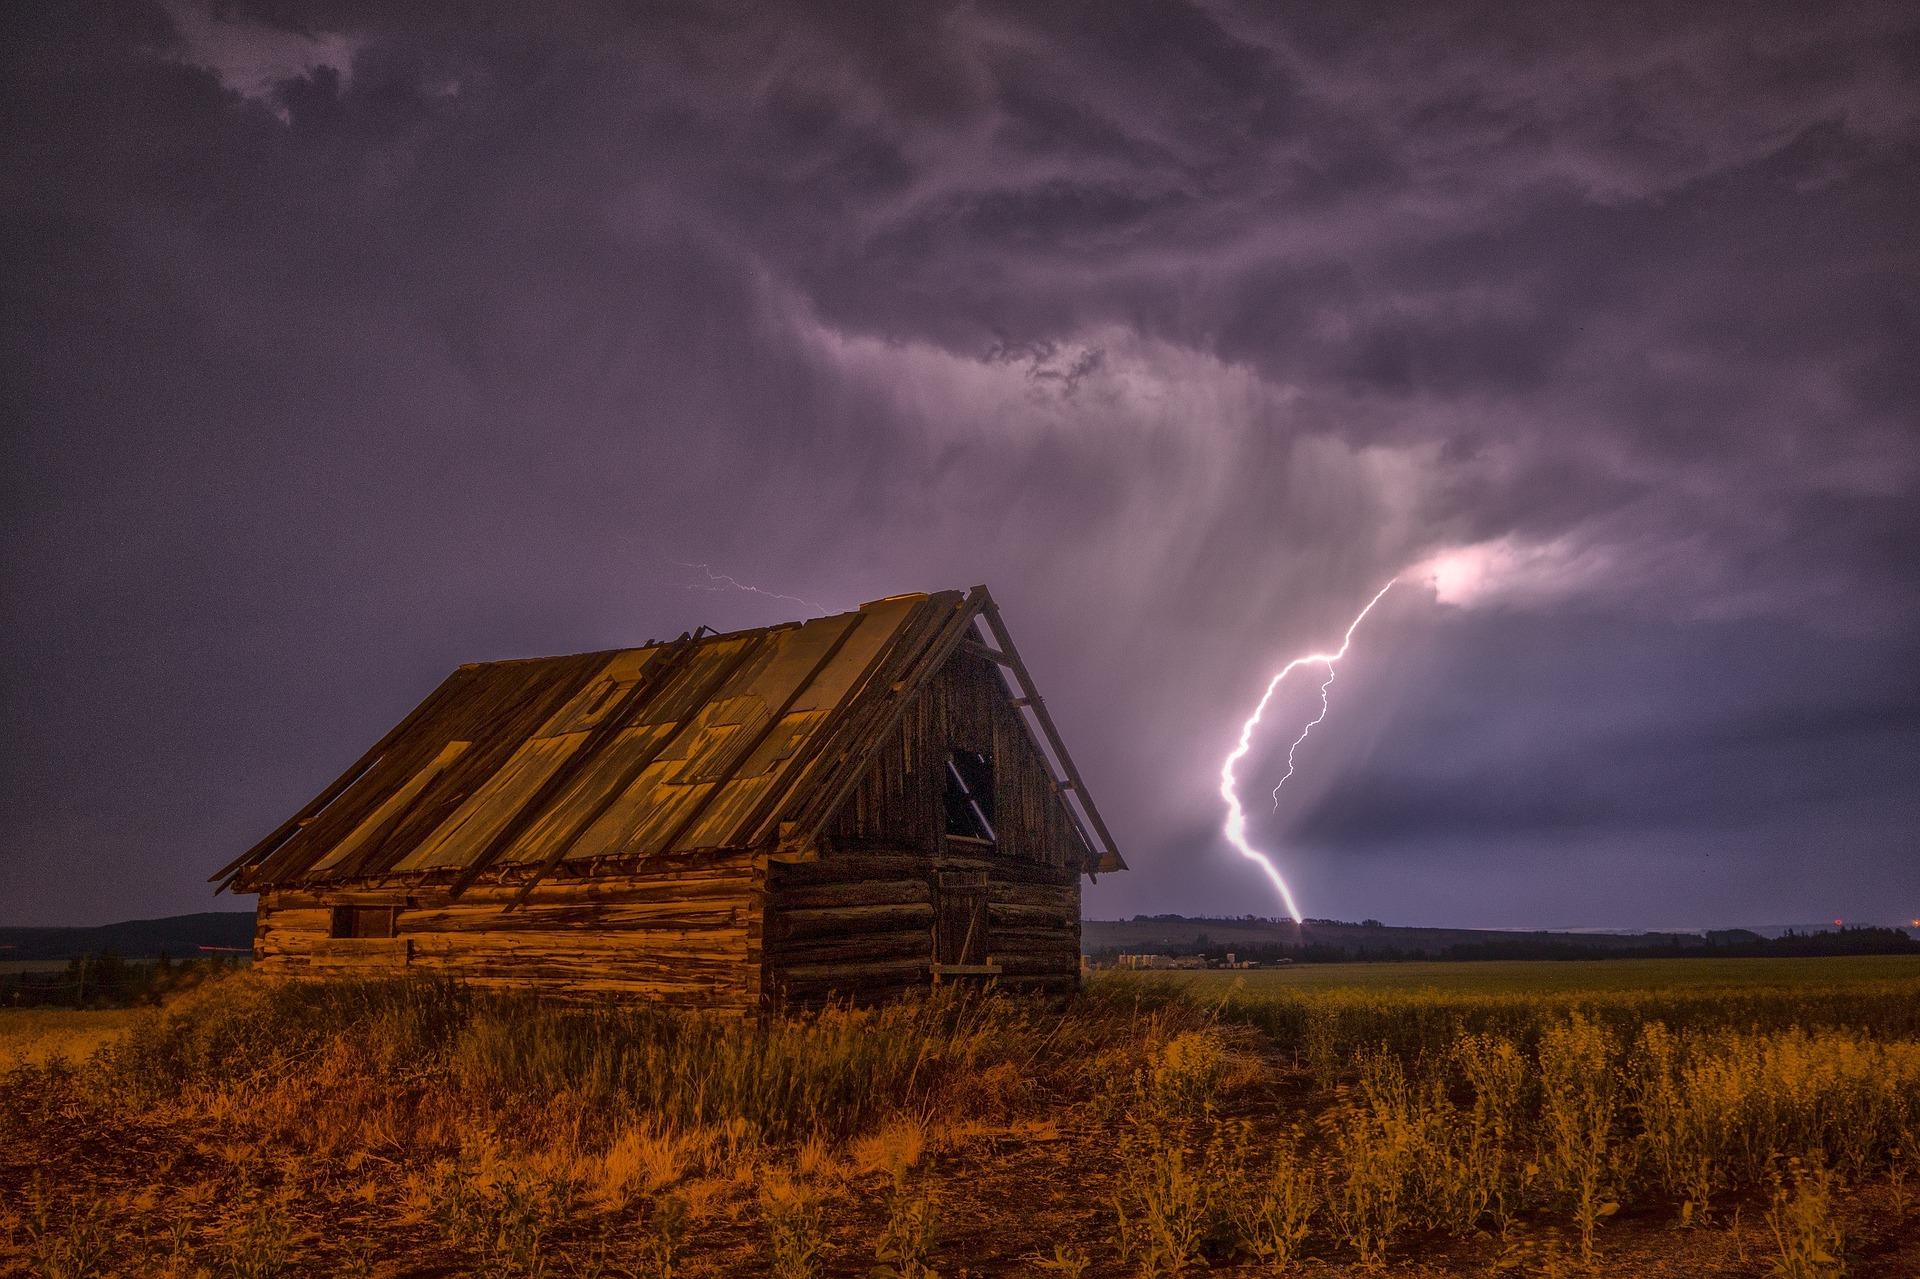 納屋, レイ, 嵐, 雲, 空, テンペスト, バイオレット - HD の壁紙 - 教授-falken.com